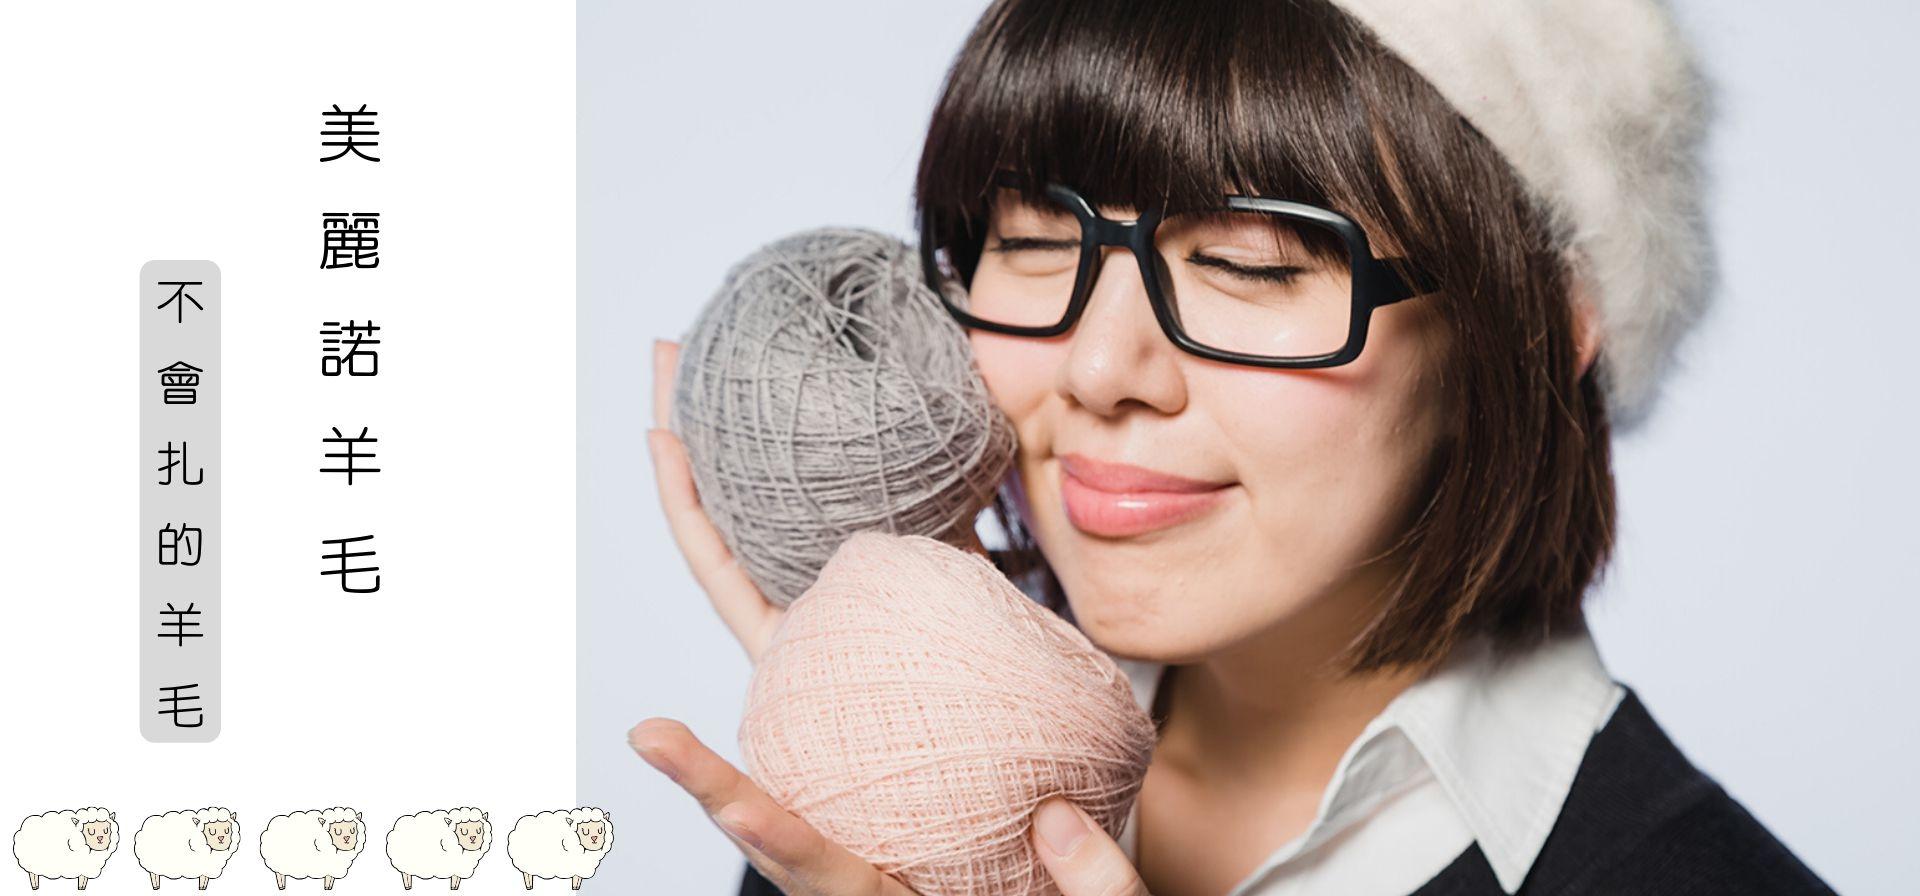 美麗諾羊毛衣目錄| O-LIWAY 台灣製品(MIT)